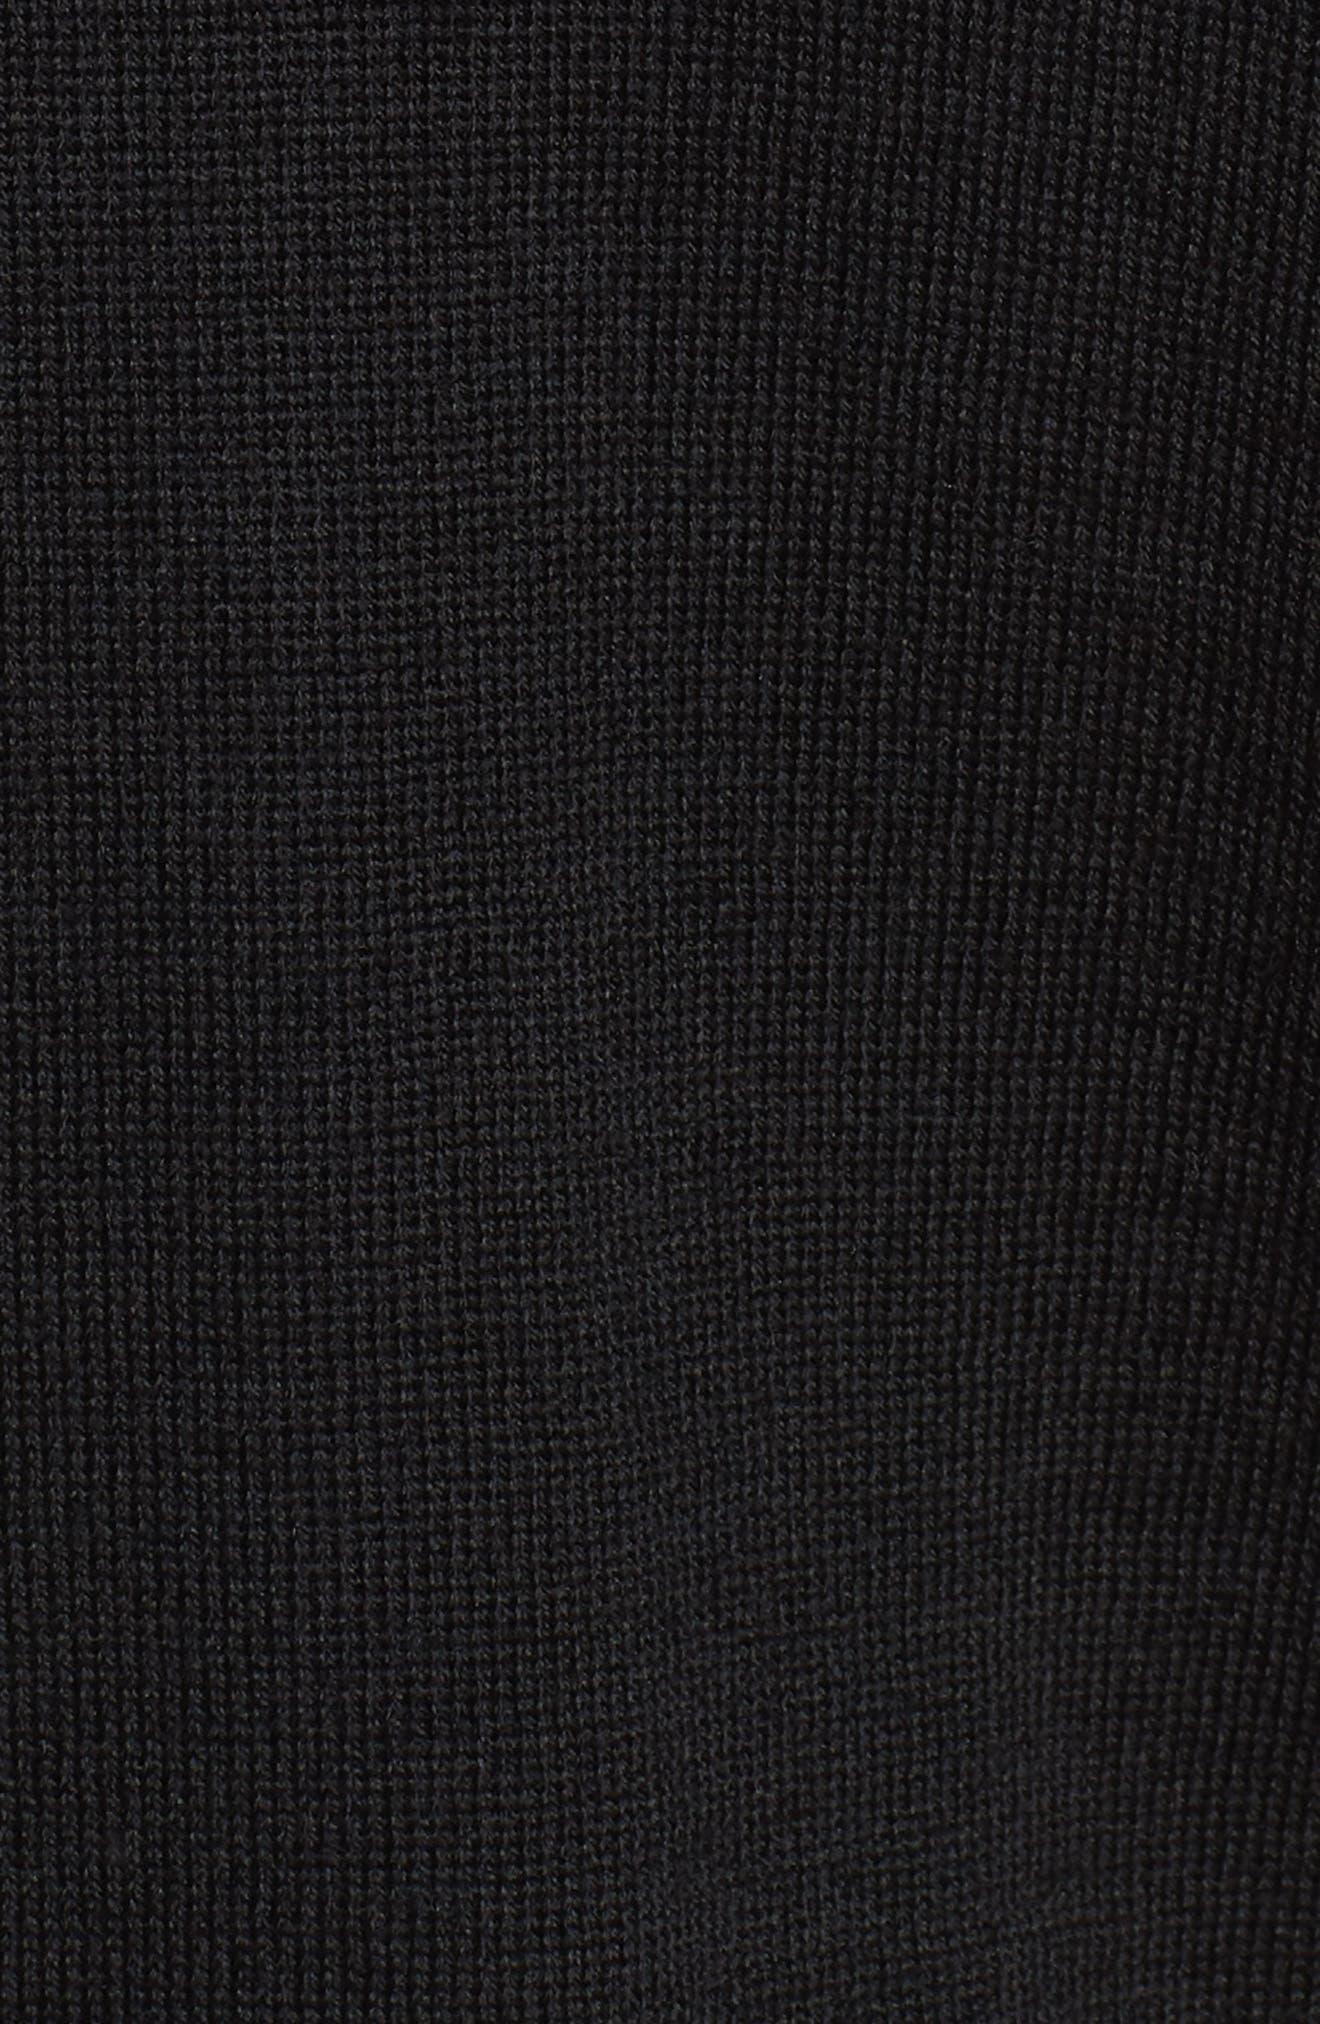 McLeod V-Neck Regular Fit Merino Wool Sweater,                             Alternate thumbnail 5, color,                             BLACK